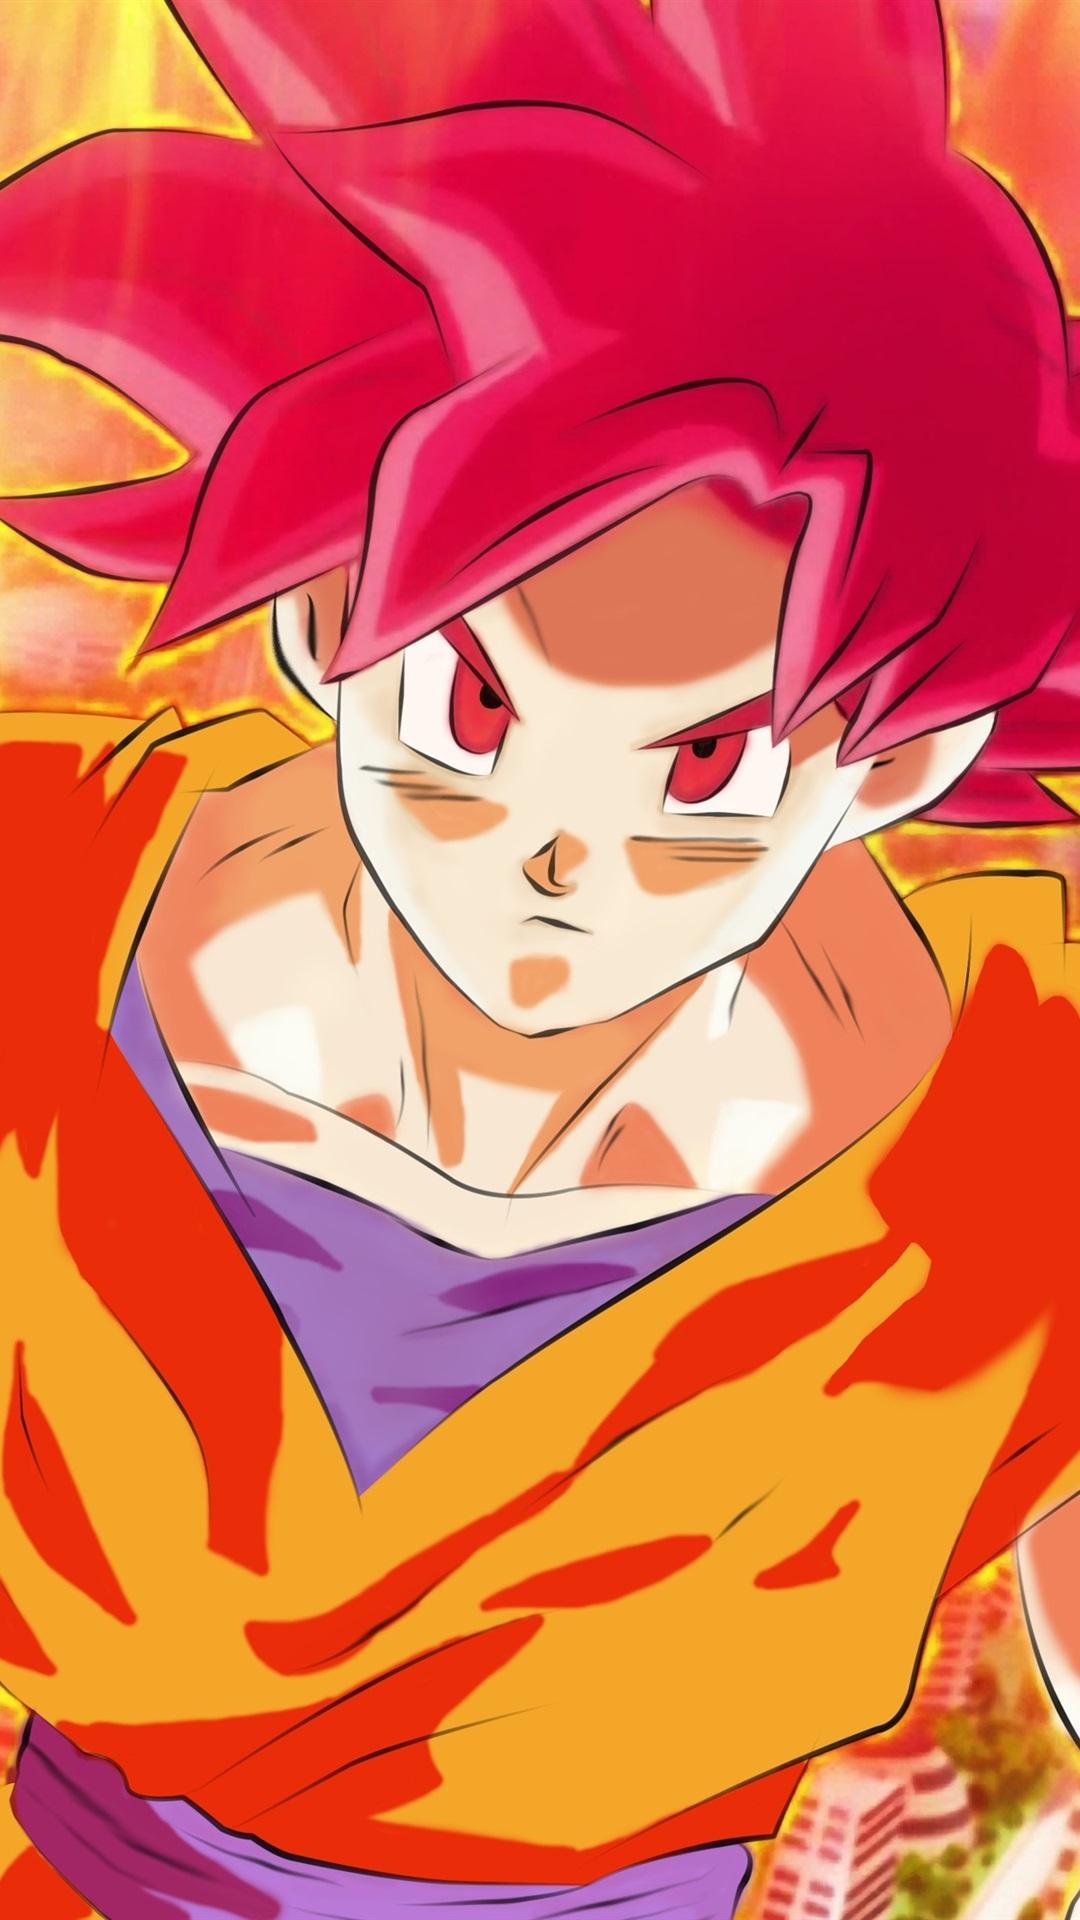 Dragon Ball Z Super Saiyan Monkey 1080x1920 Iphone 8 7 6